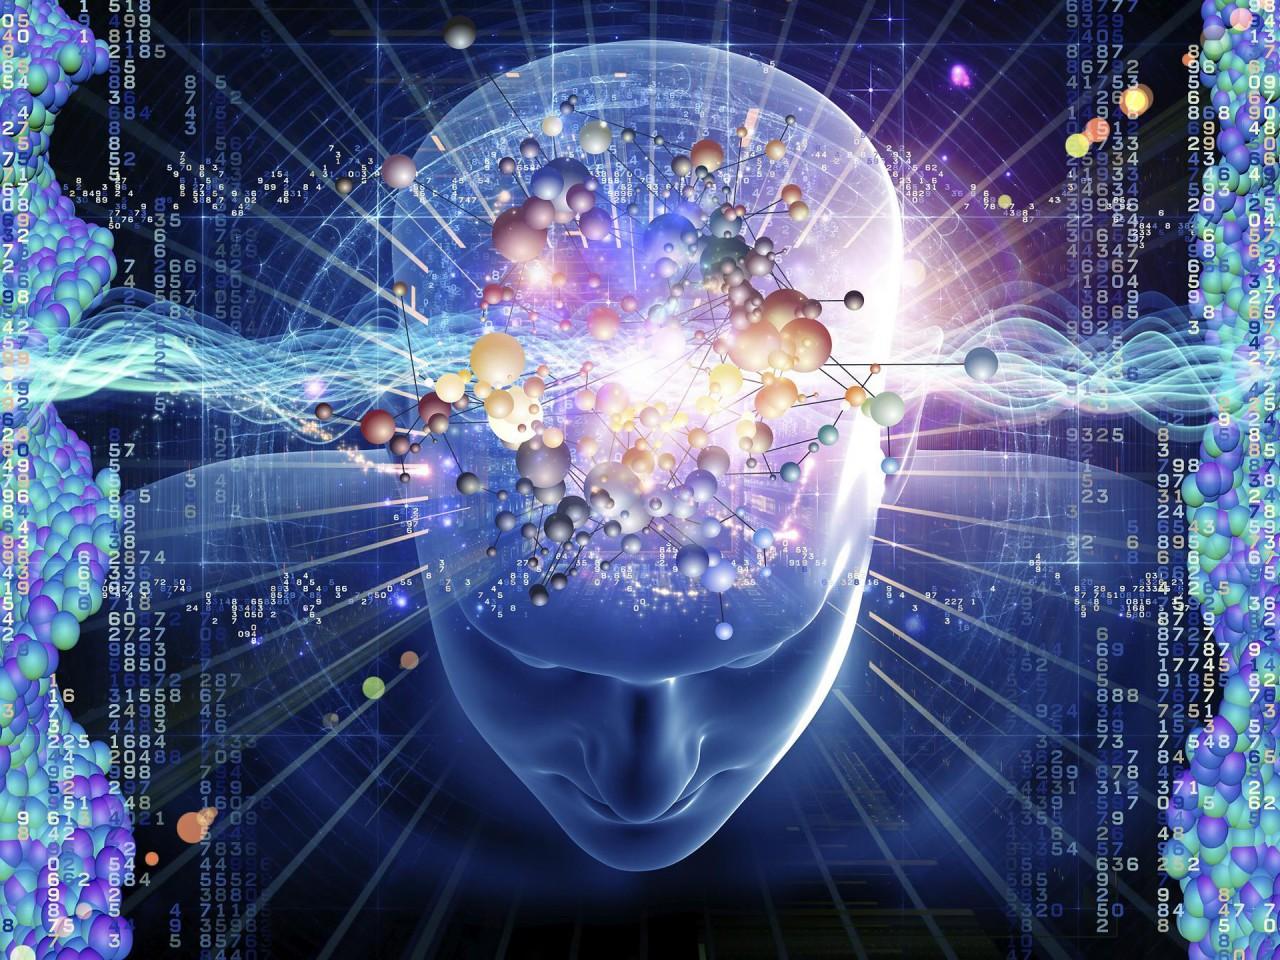 Gyógyulás pusztán a gondolat által : Dr. Joe Dispenza , a férfi aki újra jár tudatos öngyógyítása révén